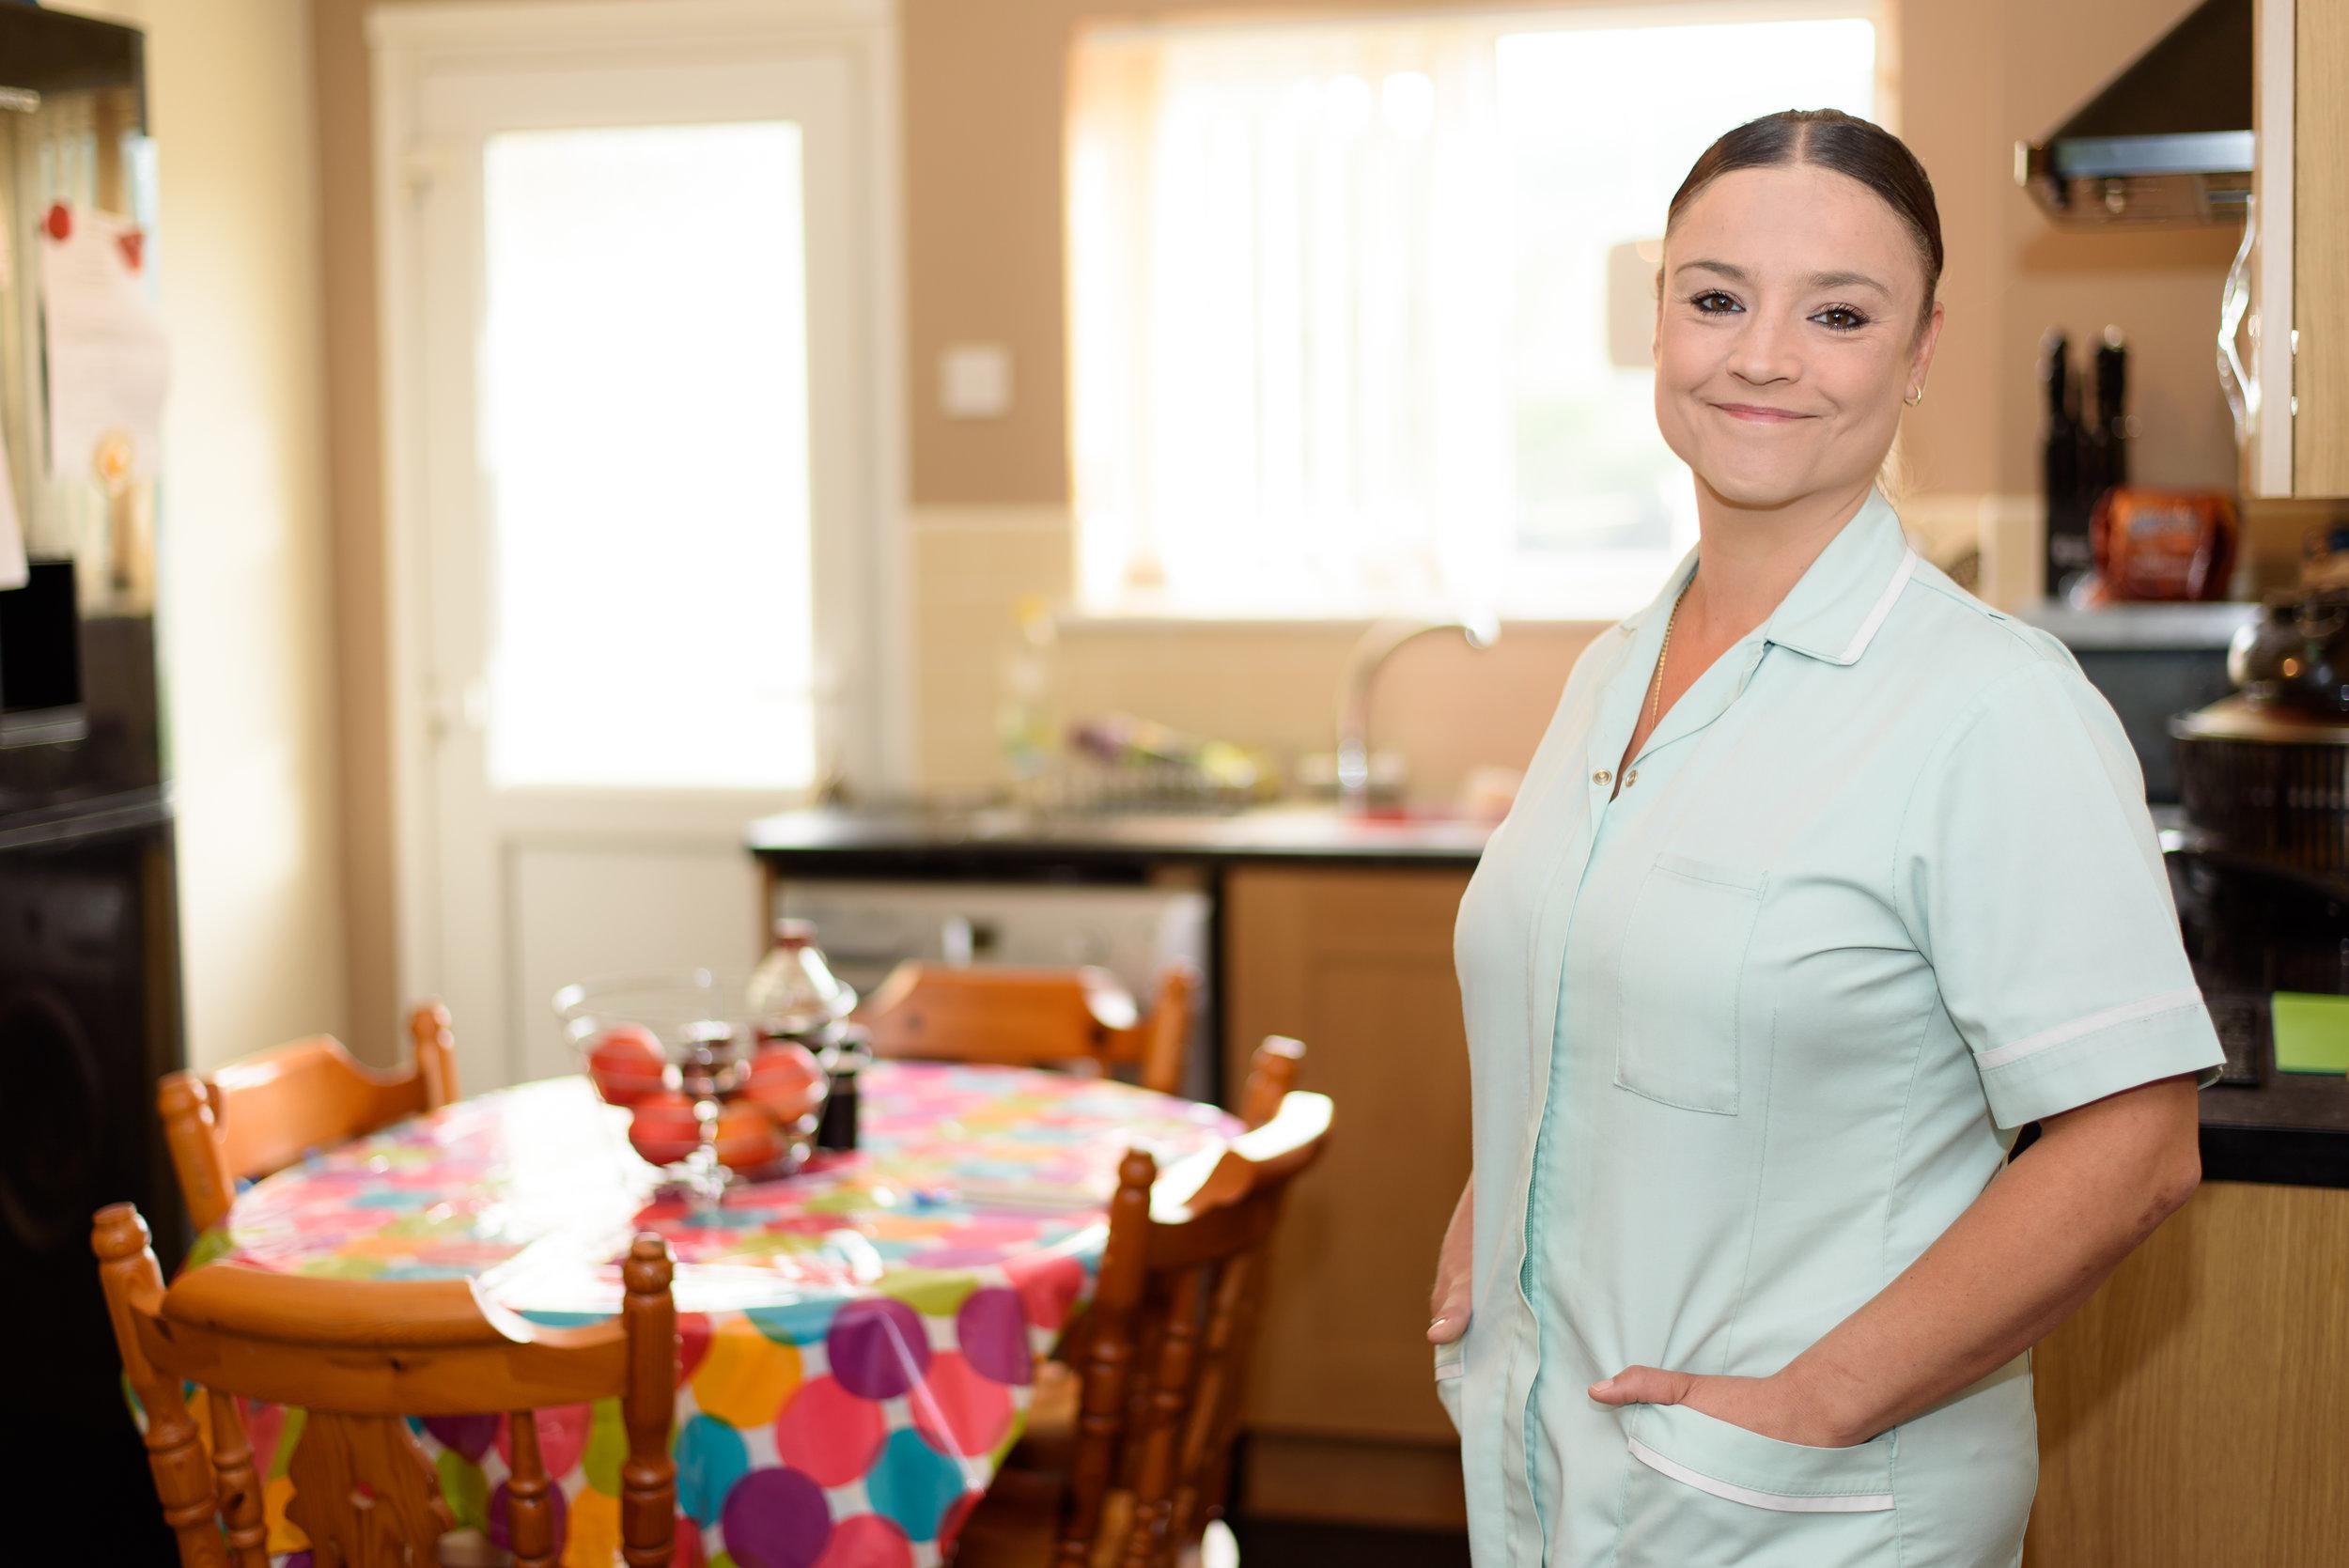 caregiver-in-home-kitchen.jpg